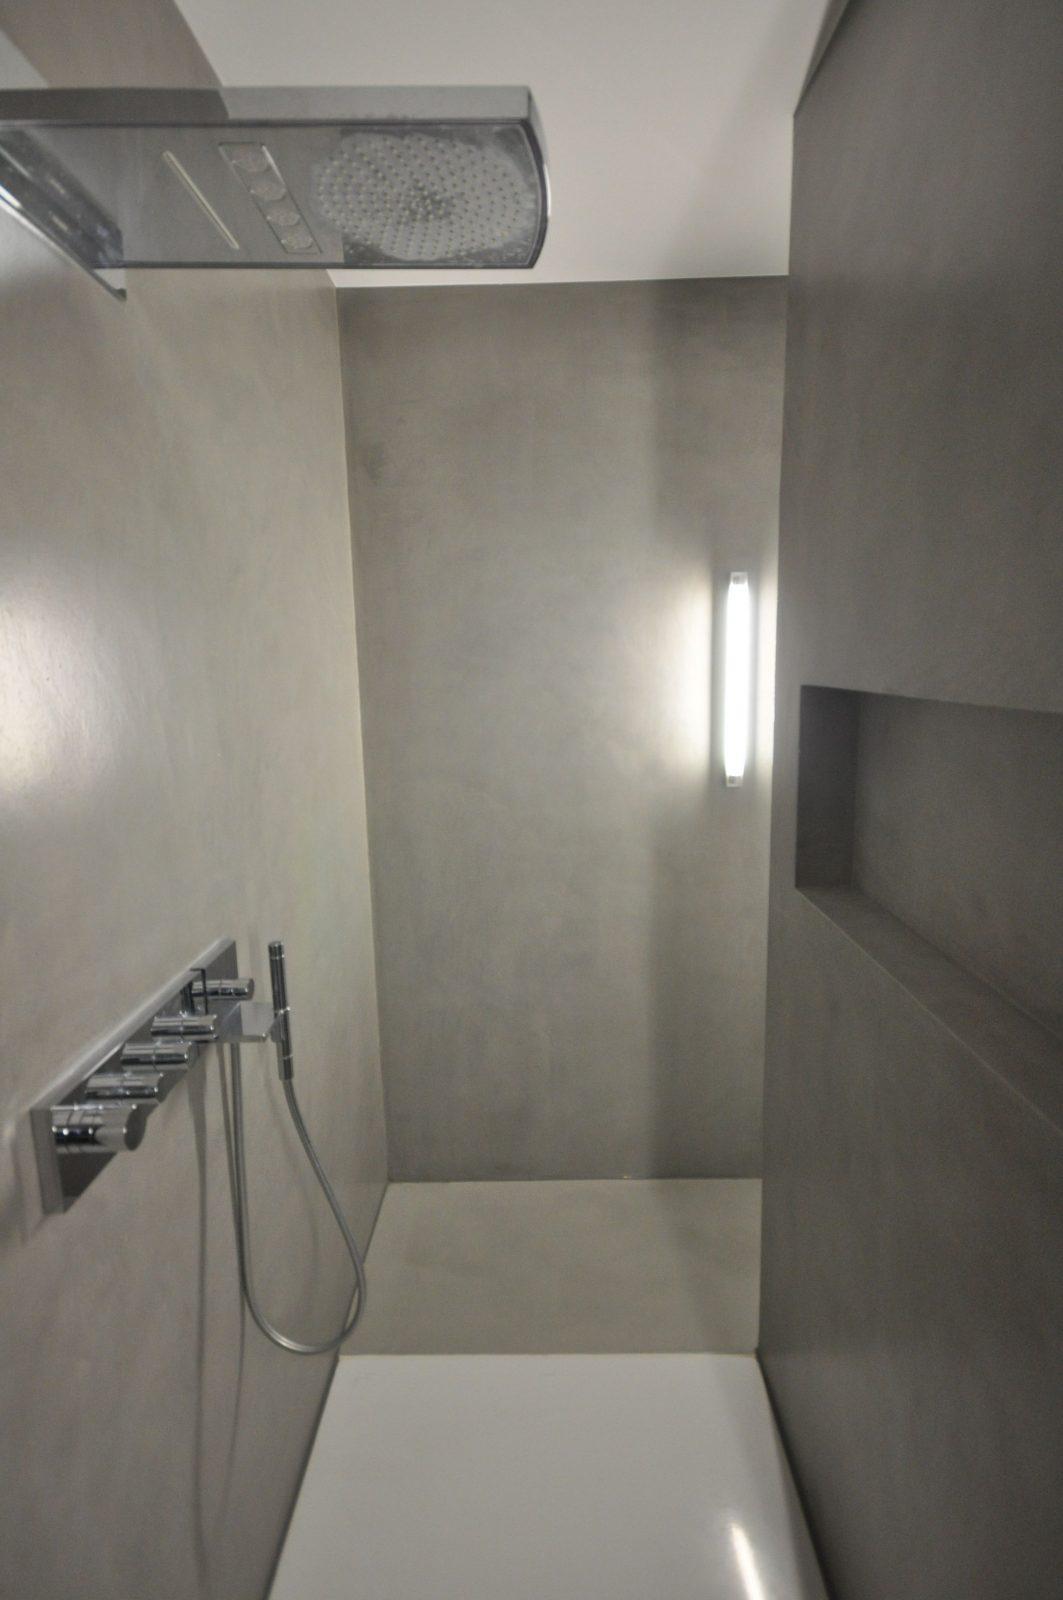 Designbad • Kalkmarmorputz • Dusche • Fugenlos  Putz Im Bad In von Kalk Marmor Putz Selber Machen Photo